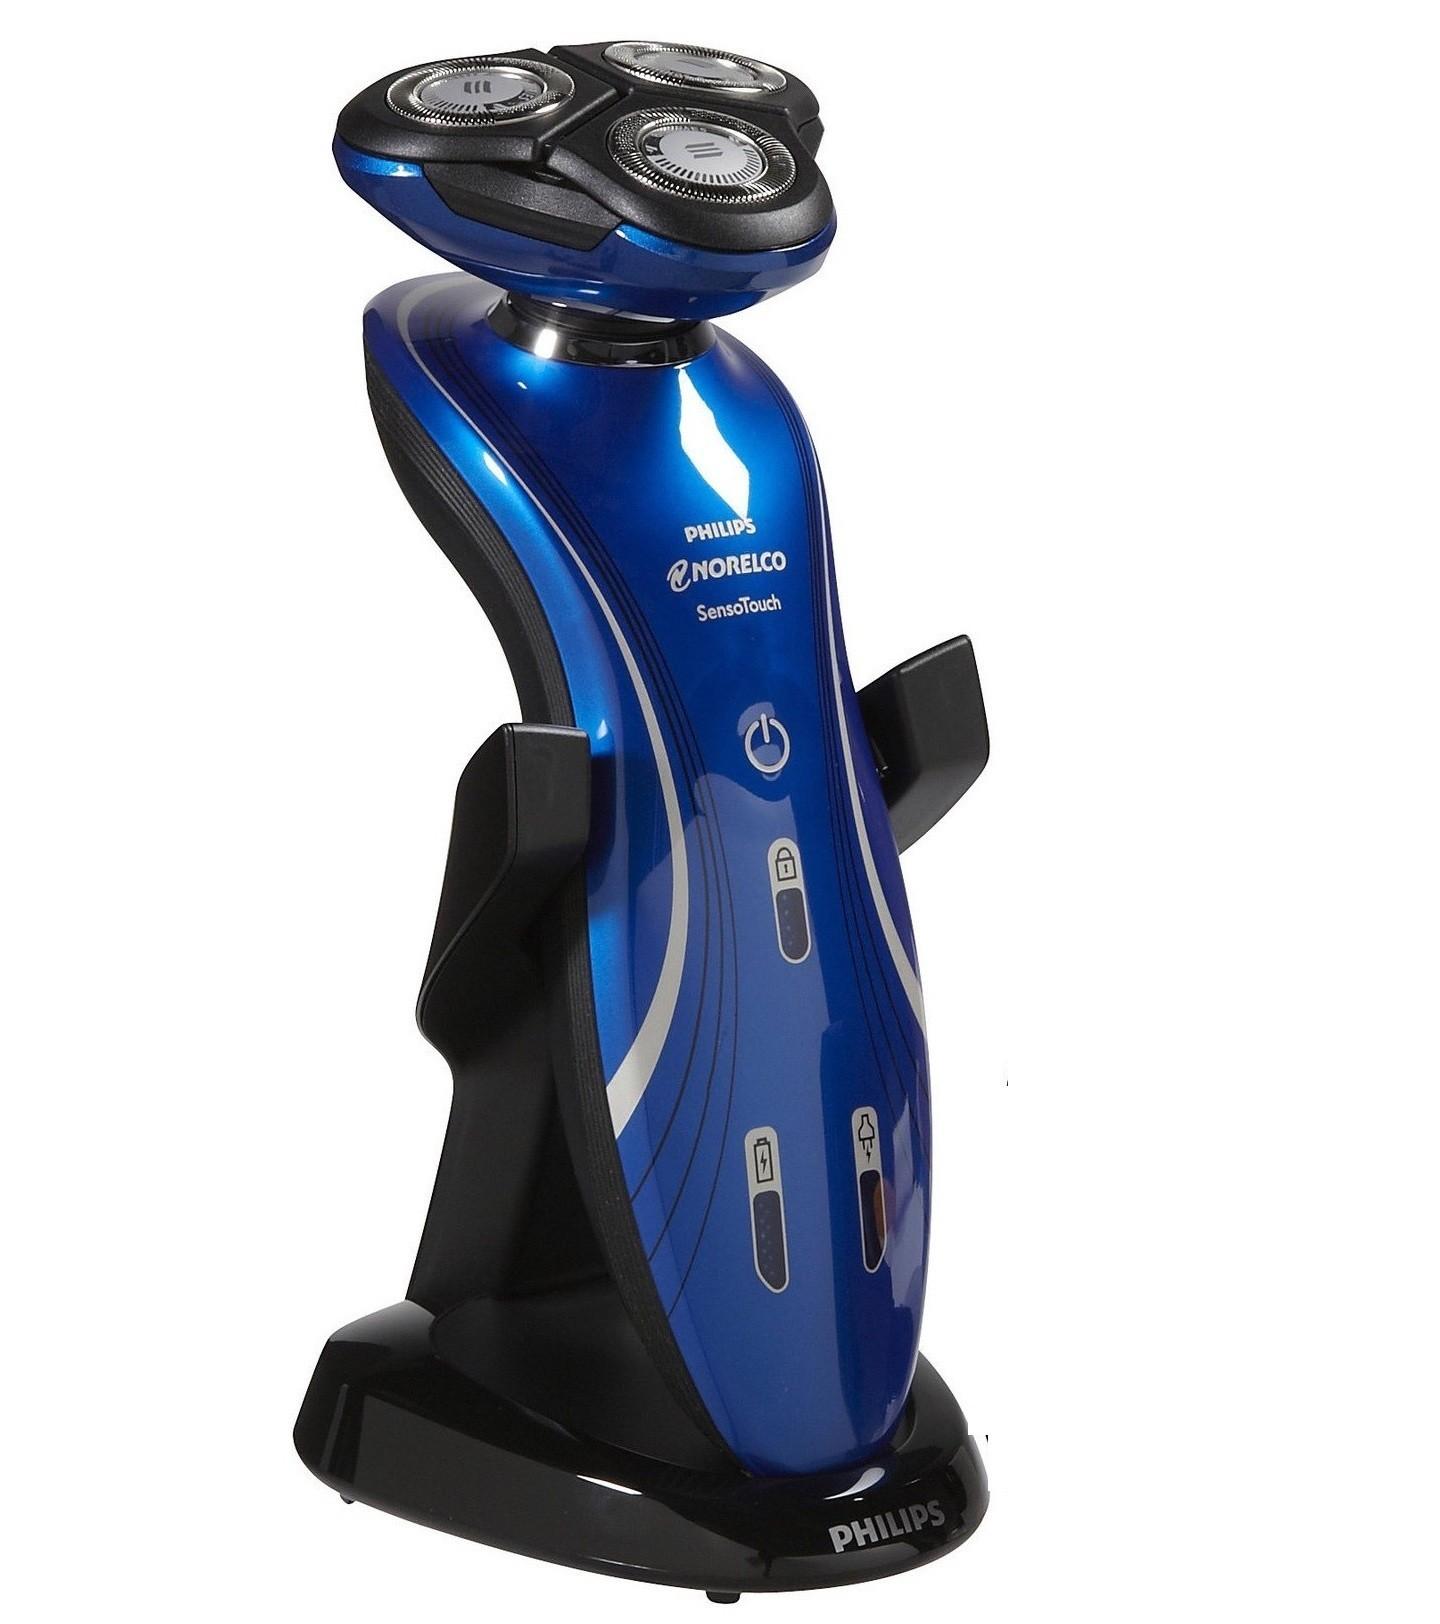 מכונת גילוח Philips RQ1150 פיליפס עודפים